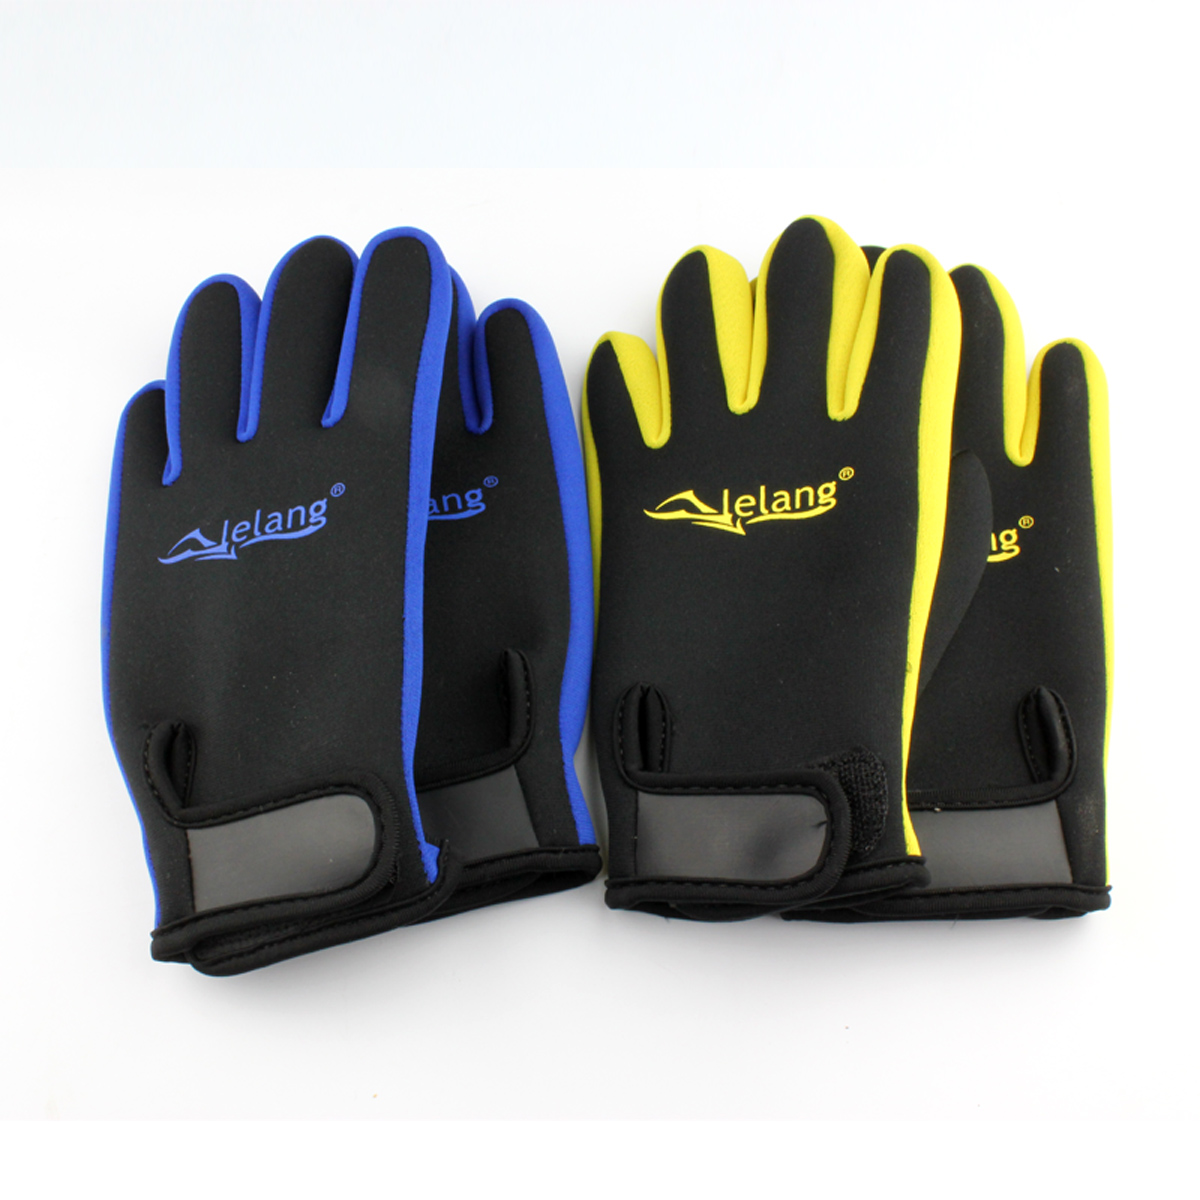 Lelang спорт подводное плавание перчатки Удобное дайвинг-серфинг с липучкой перчатки для влюбленной пары перчатки Дайвинг-материал